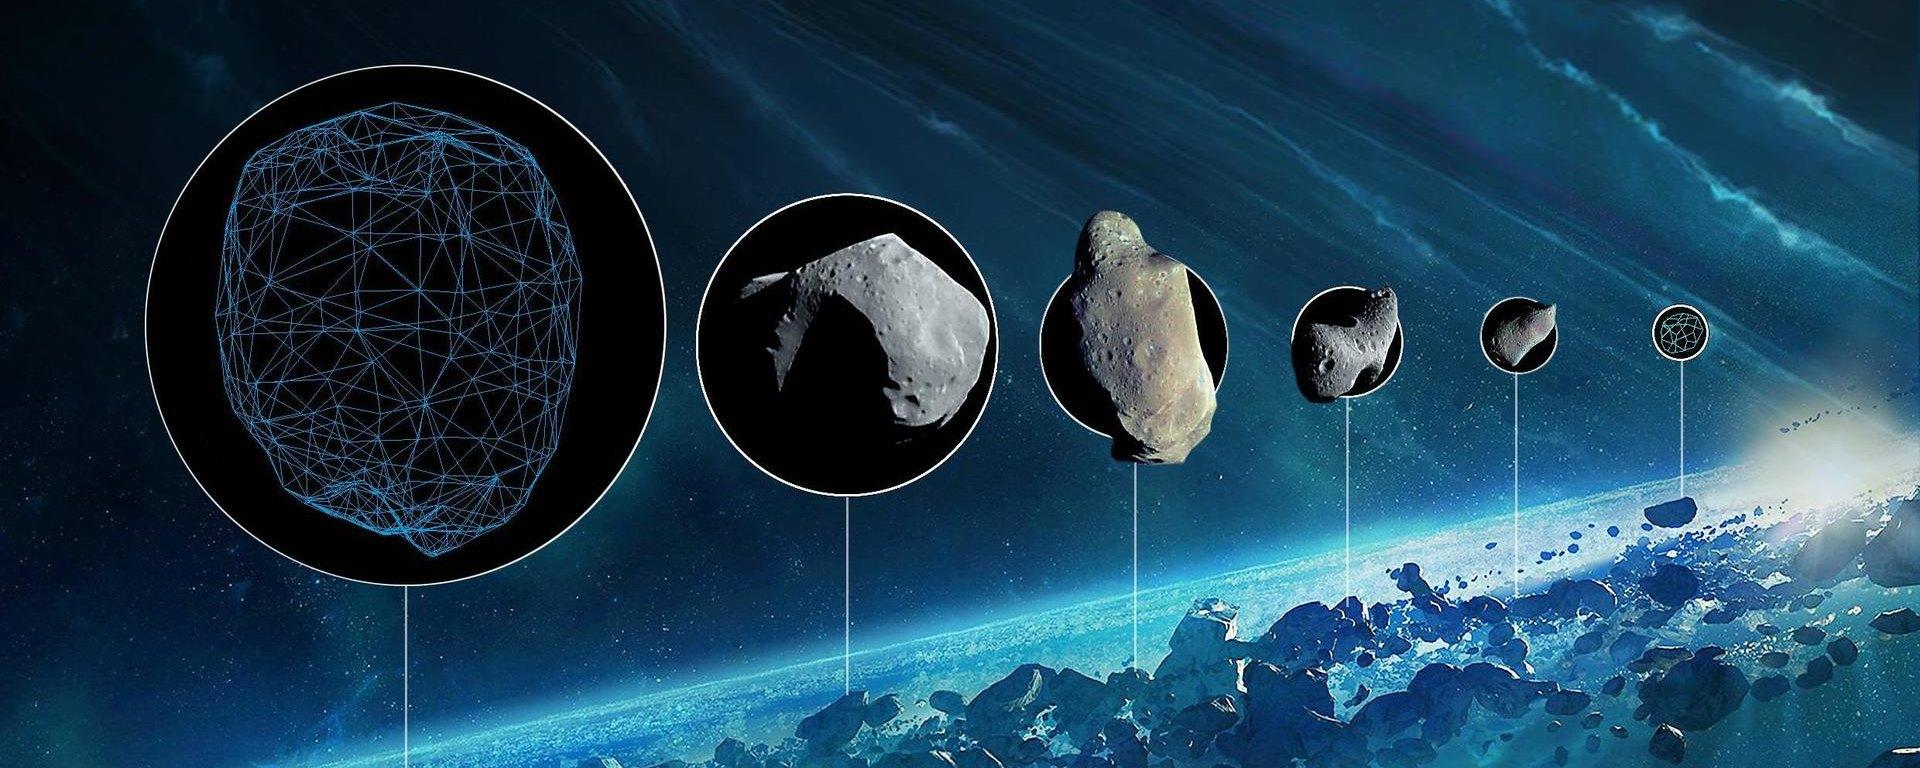 Эксперимент с пушкой доказал, что астероиды могли занести воду на Землю